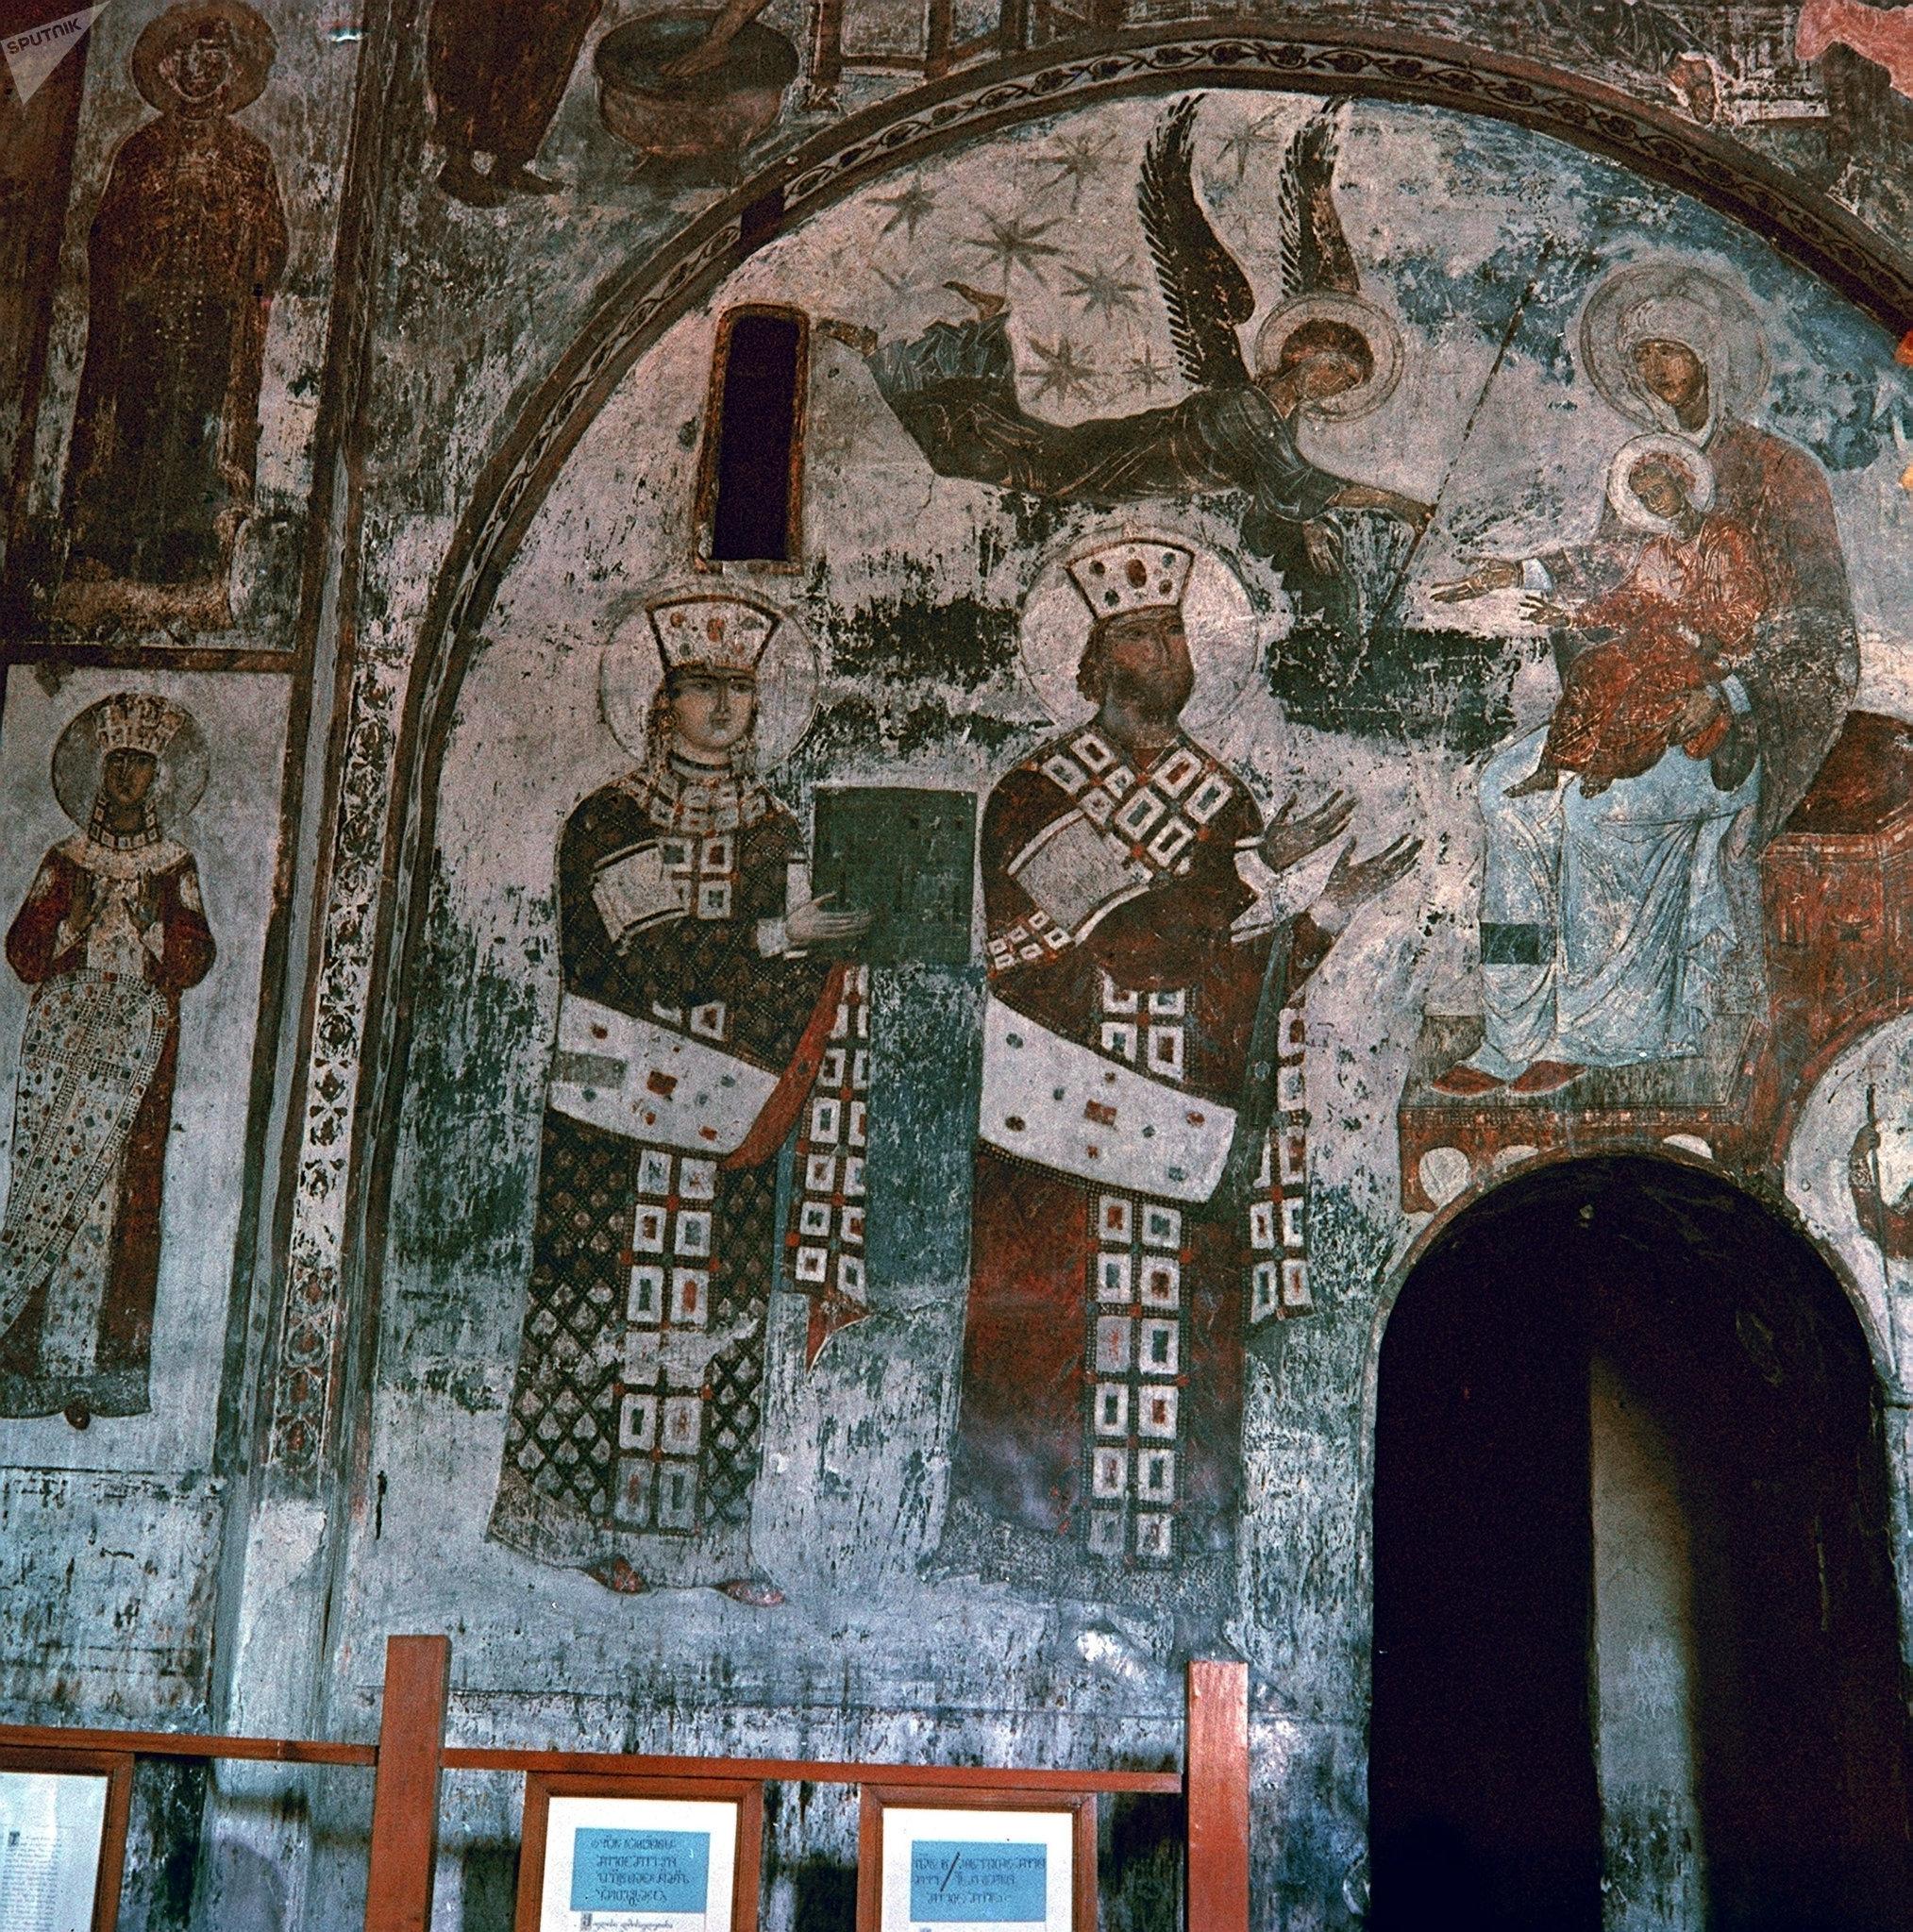 Un fresco con la reina Tamara y su padre, el zar Jorge III, en el monasterio de la cueva de Vardzia —en el sur de Georgia—, tallado en la roca en los siglos XII-XIII